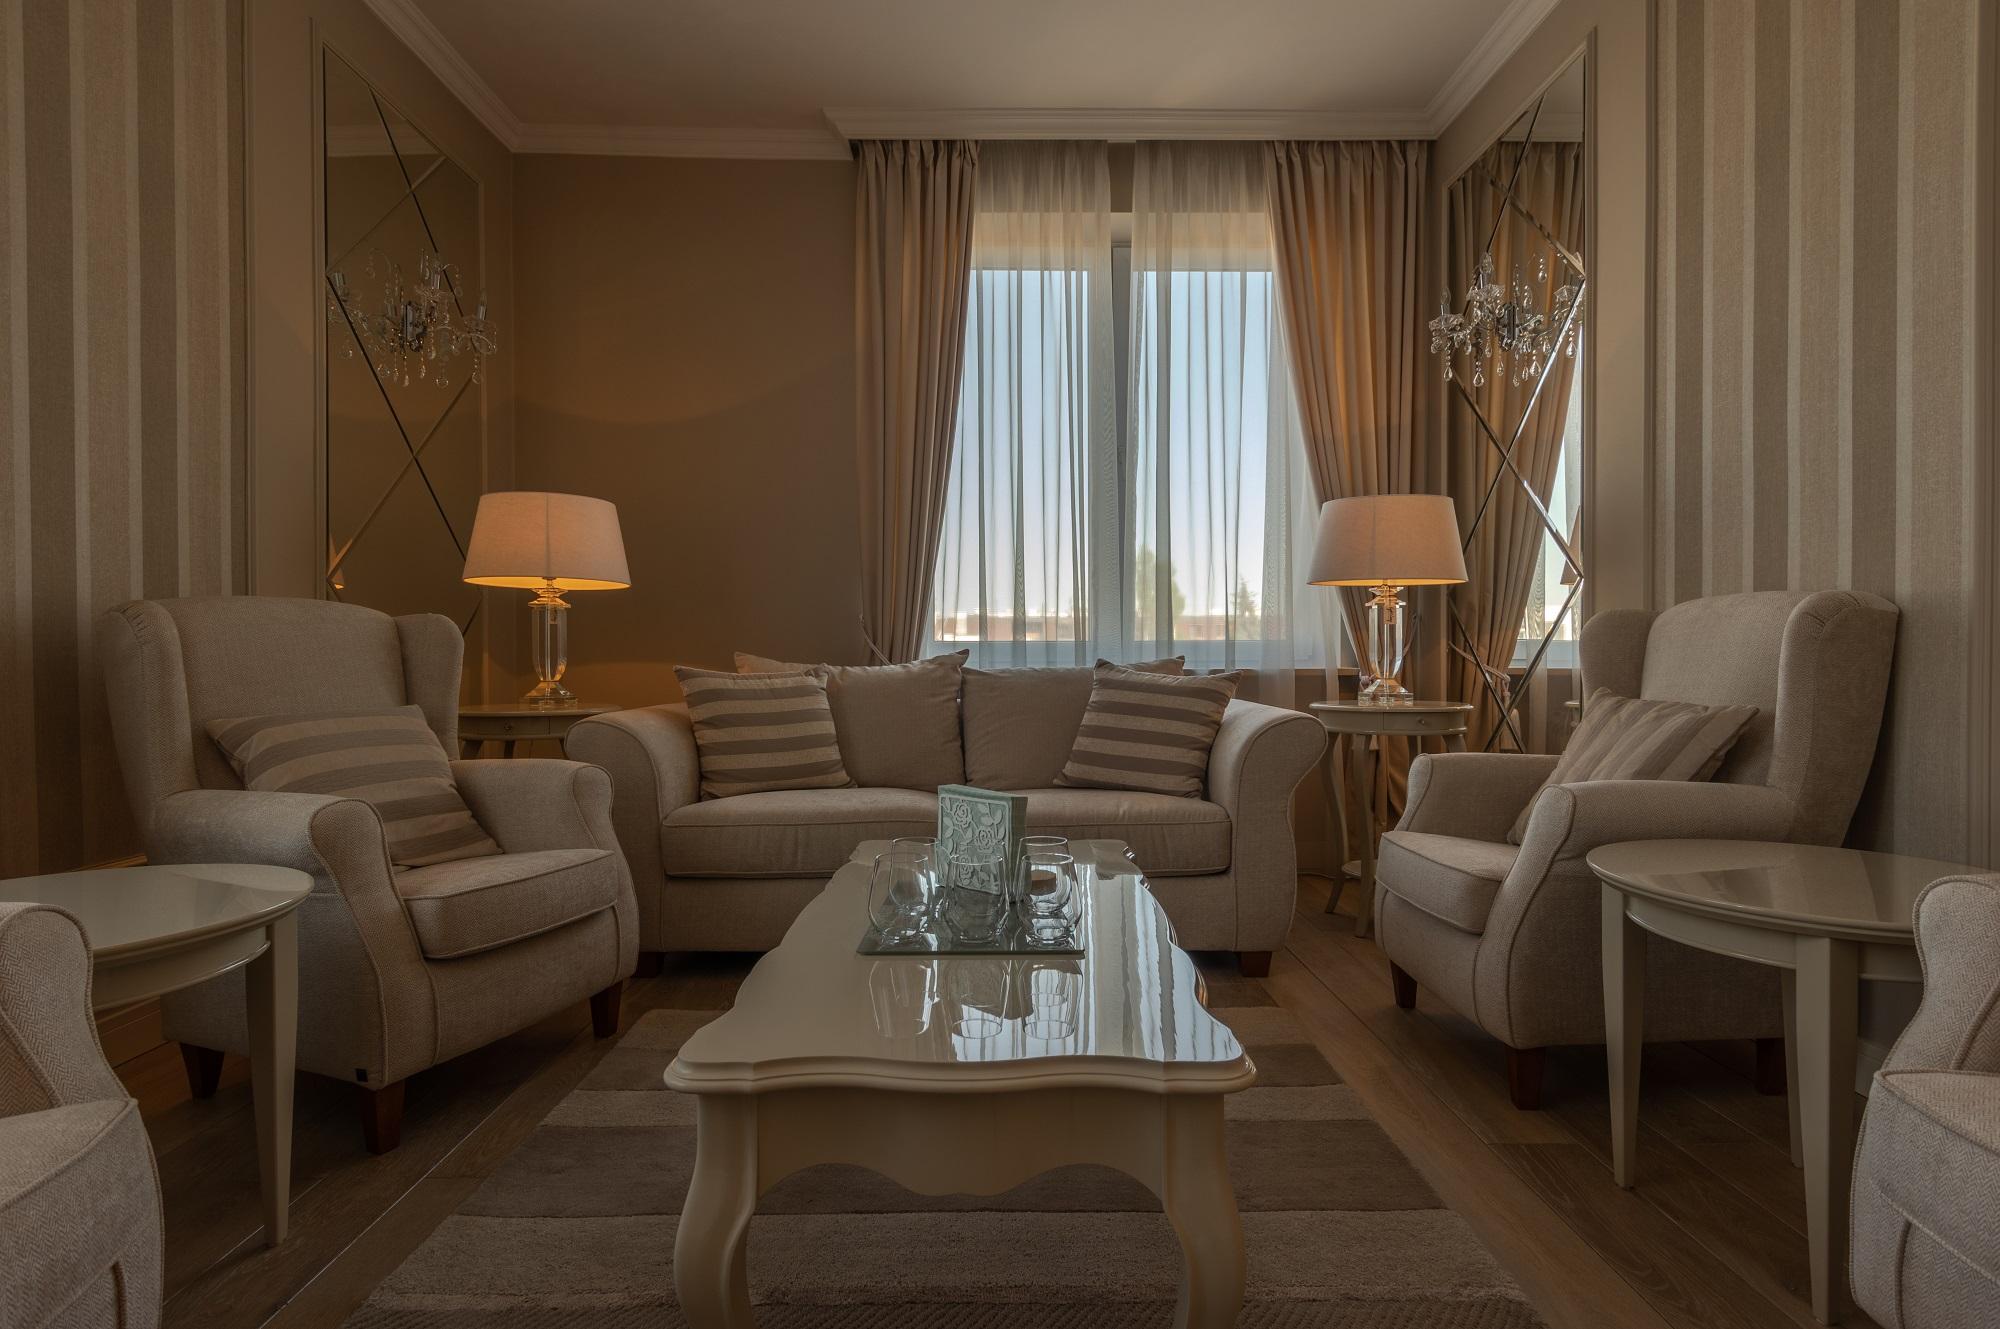 Mieszkanie ambasadora – niezwykła sesja zdjęciowa